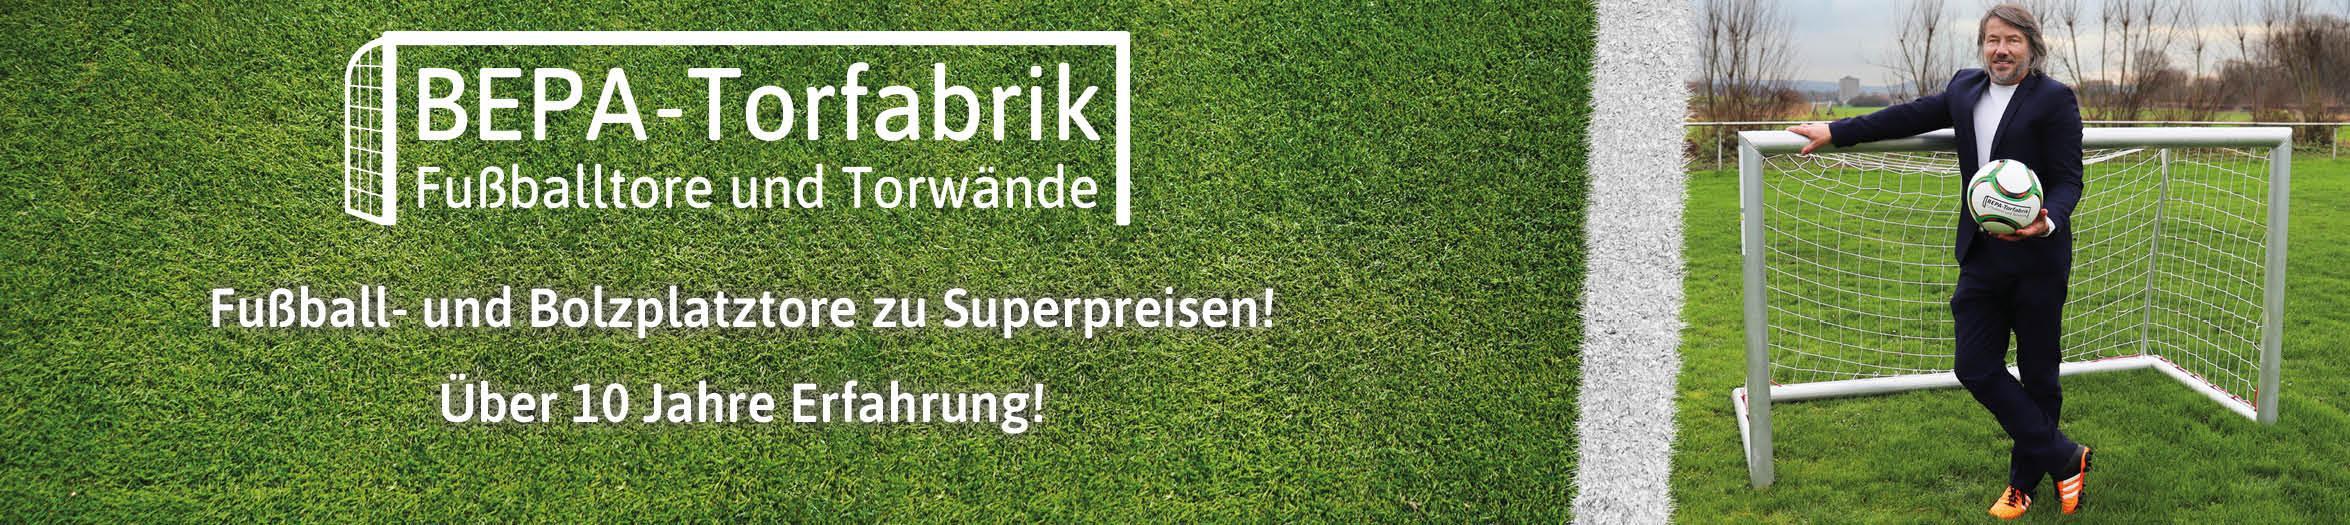 BEPA-Torfabrik - Fußballtore und Torwände - unser Onlineshop für Luxemburg